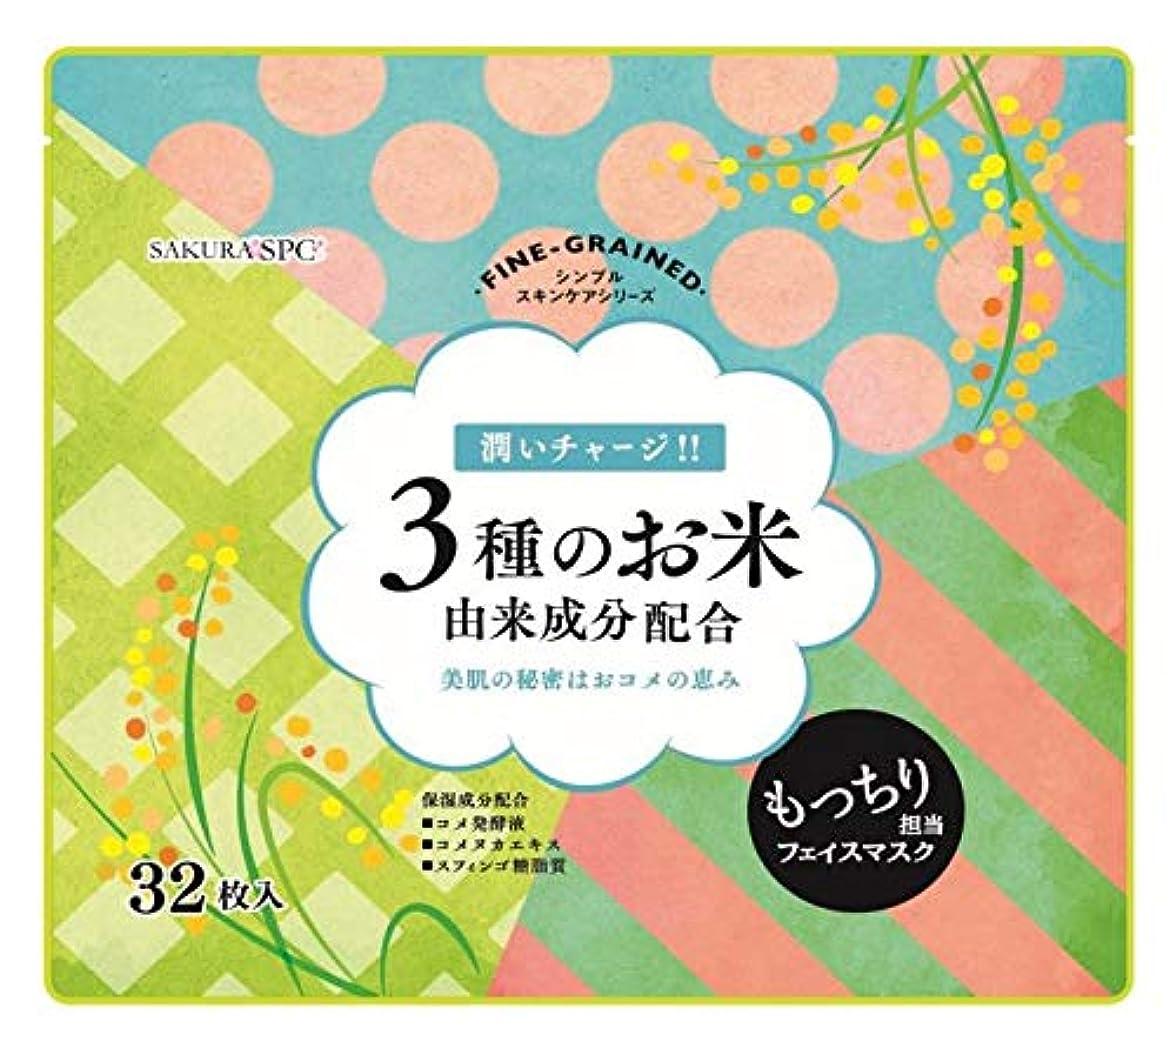 目指すために支援3種のお米 由来成分配合 フェイス マスク 32枚入り (FINE GRAINED) シンプルスキンケアシリーズ